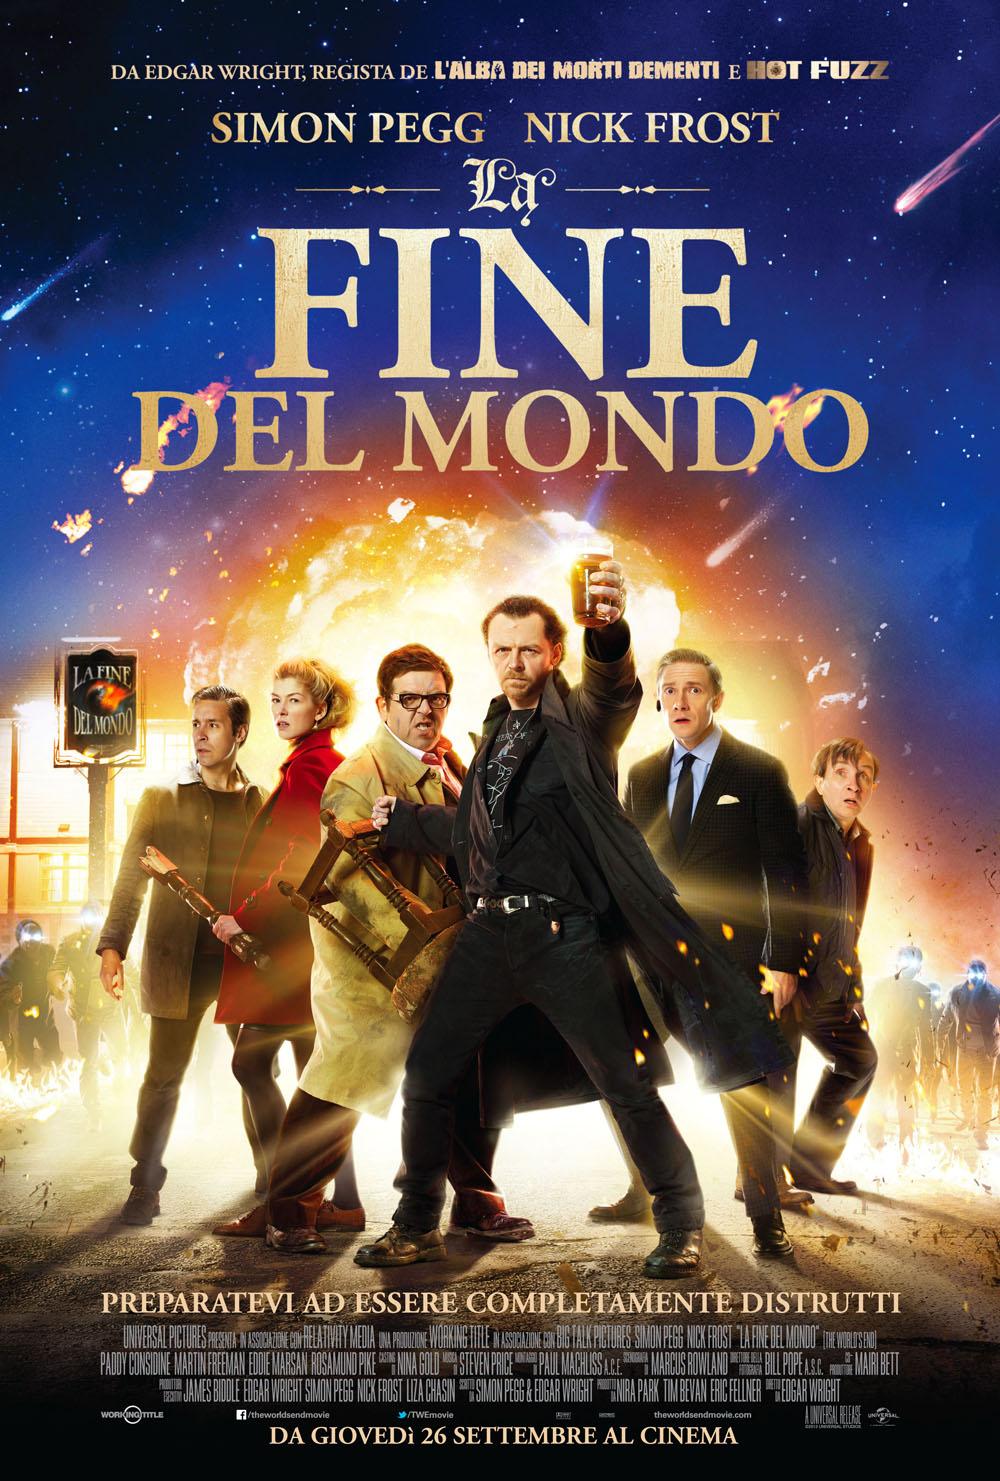 la-fine-del-mondo-poster